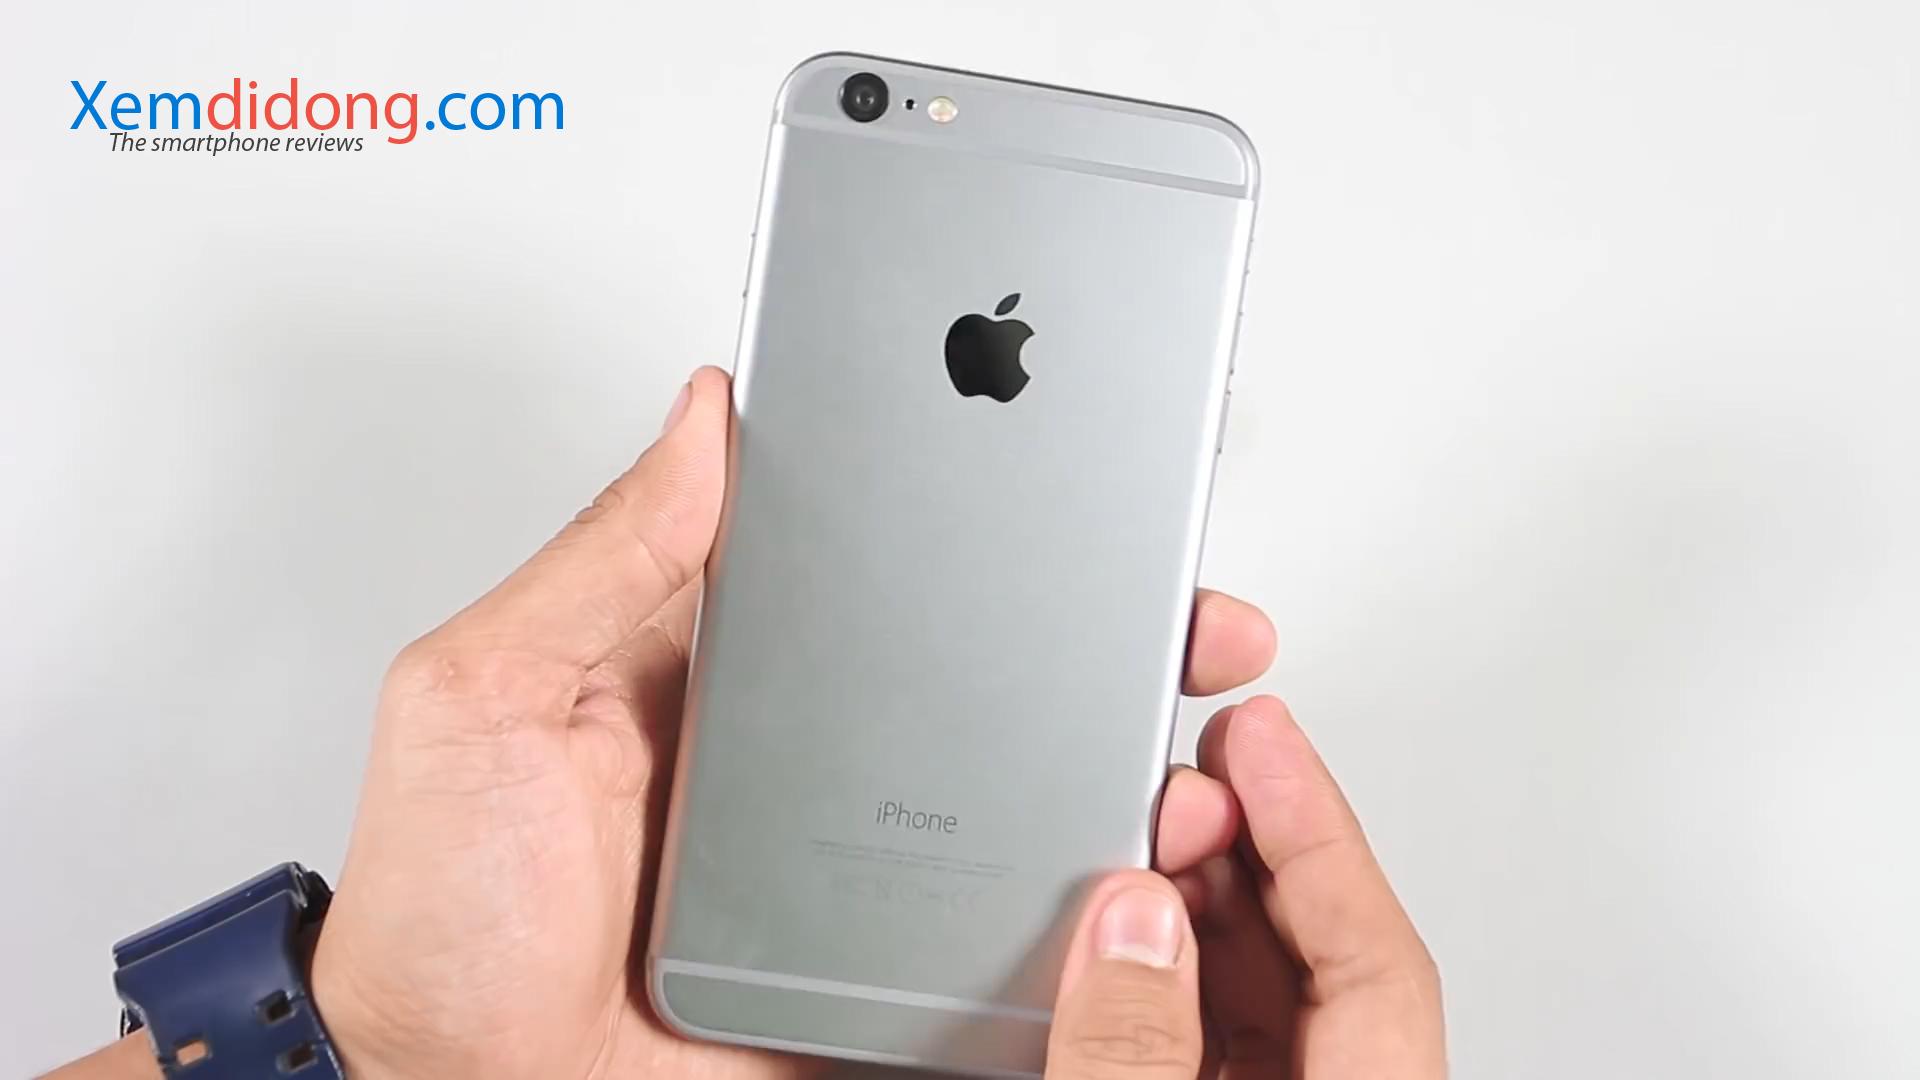 Đánh giá chi tiết iPhone 6s Plus - Ảnh 2